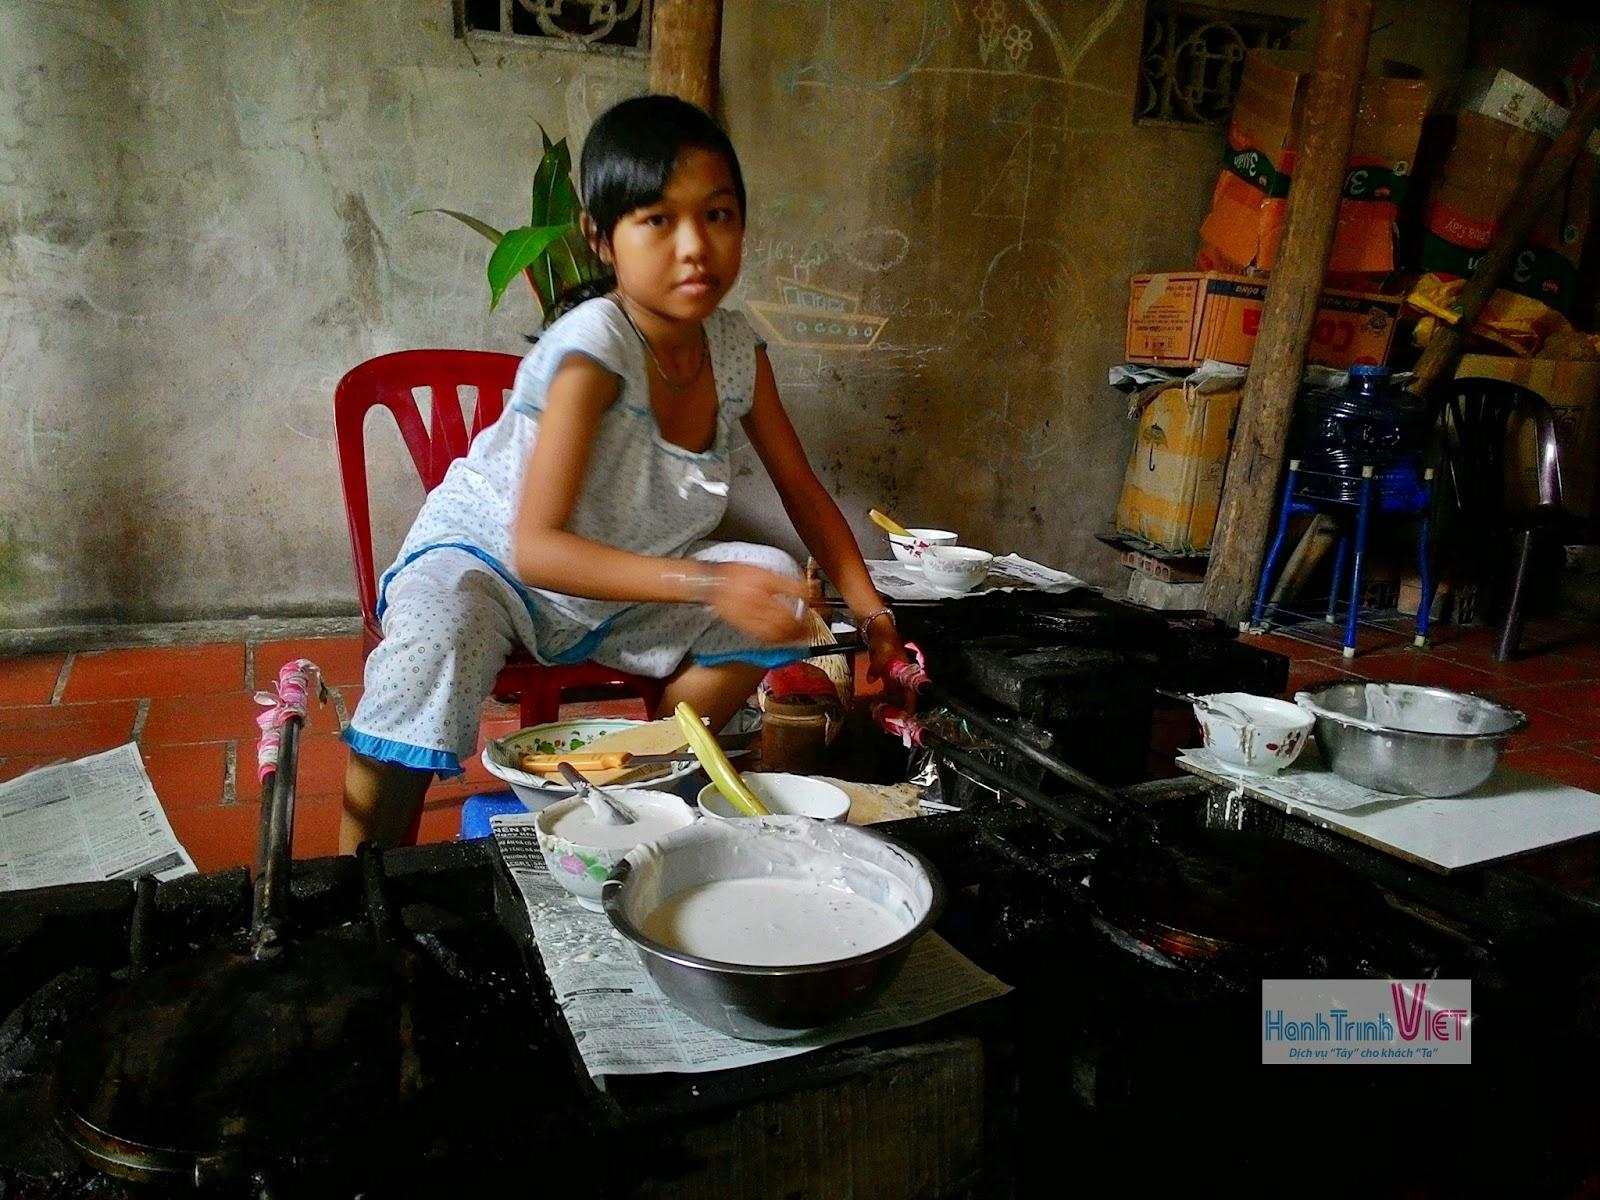 Tranh thủ phụ mẹ làm bánh kẹp vào giờ rảnh rỗi